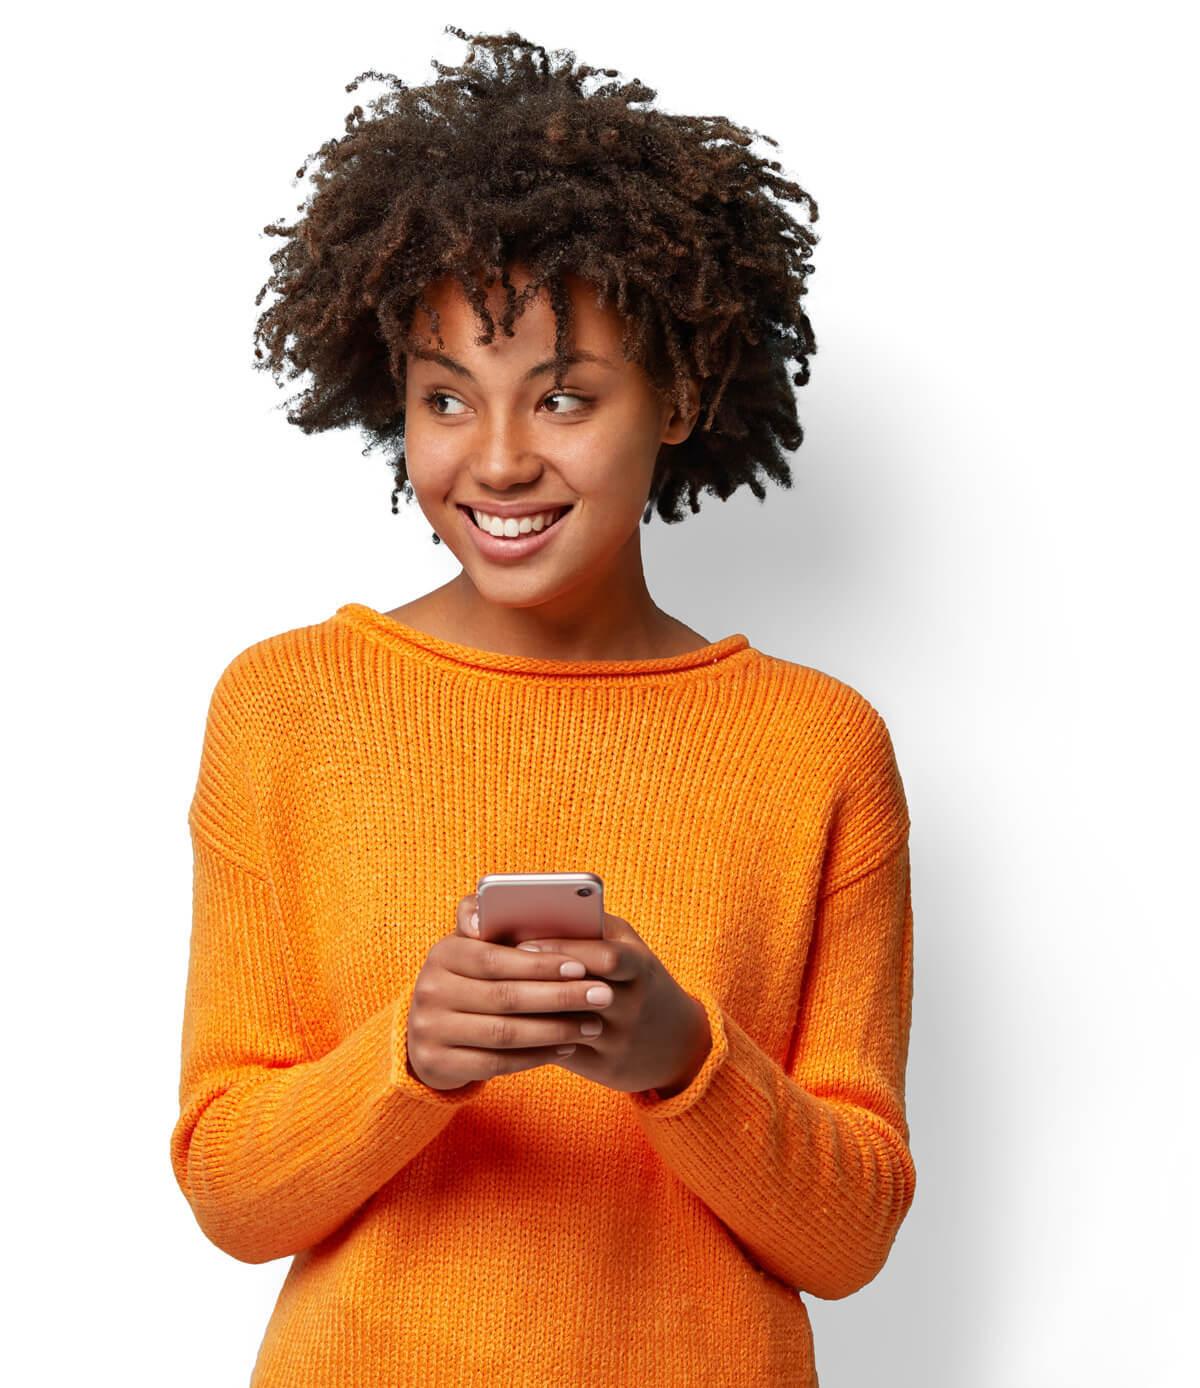 Image of Girl in orange sweater cutout